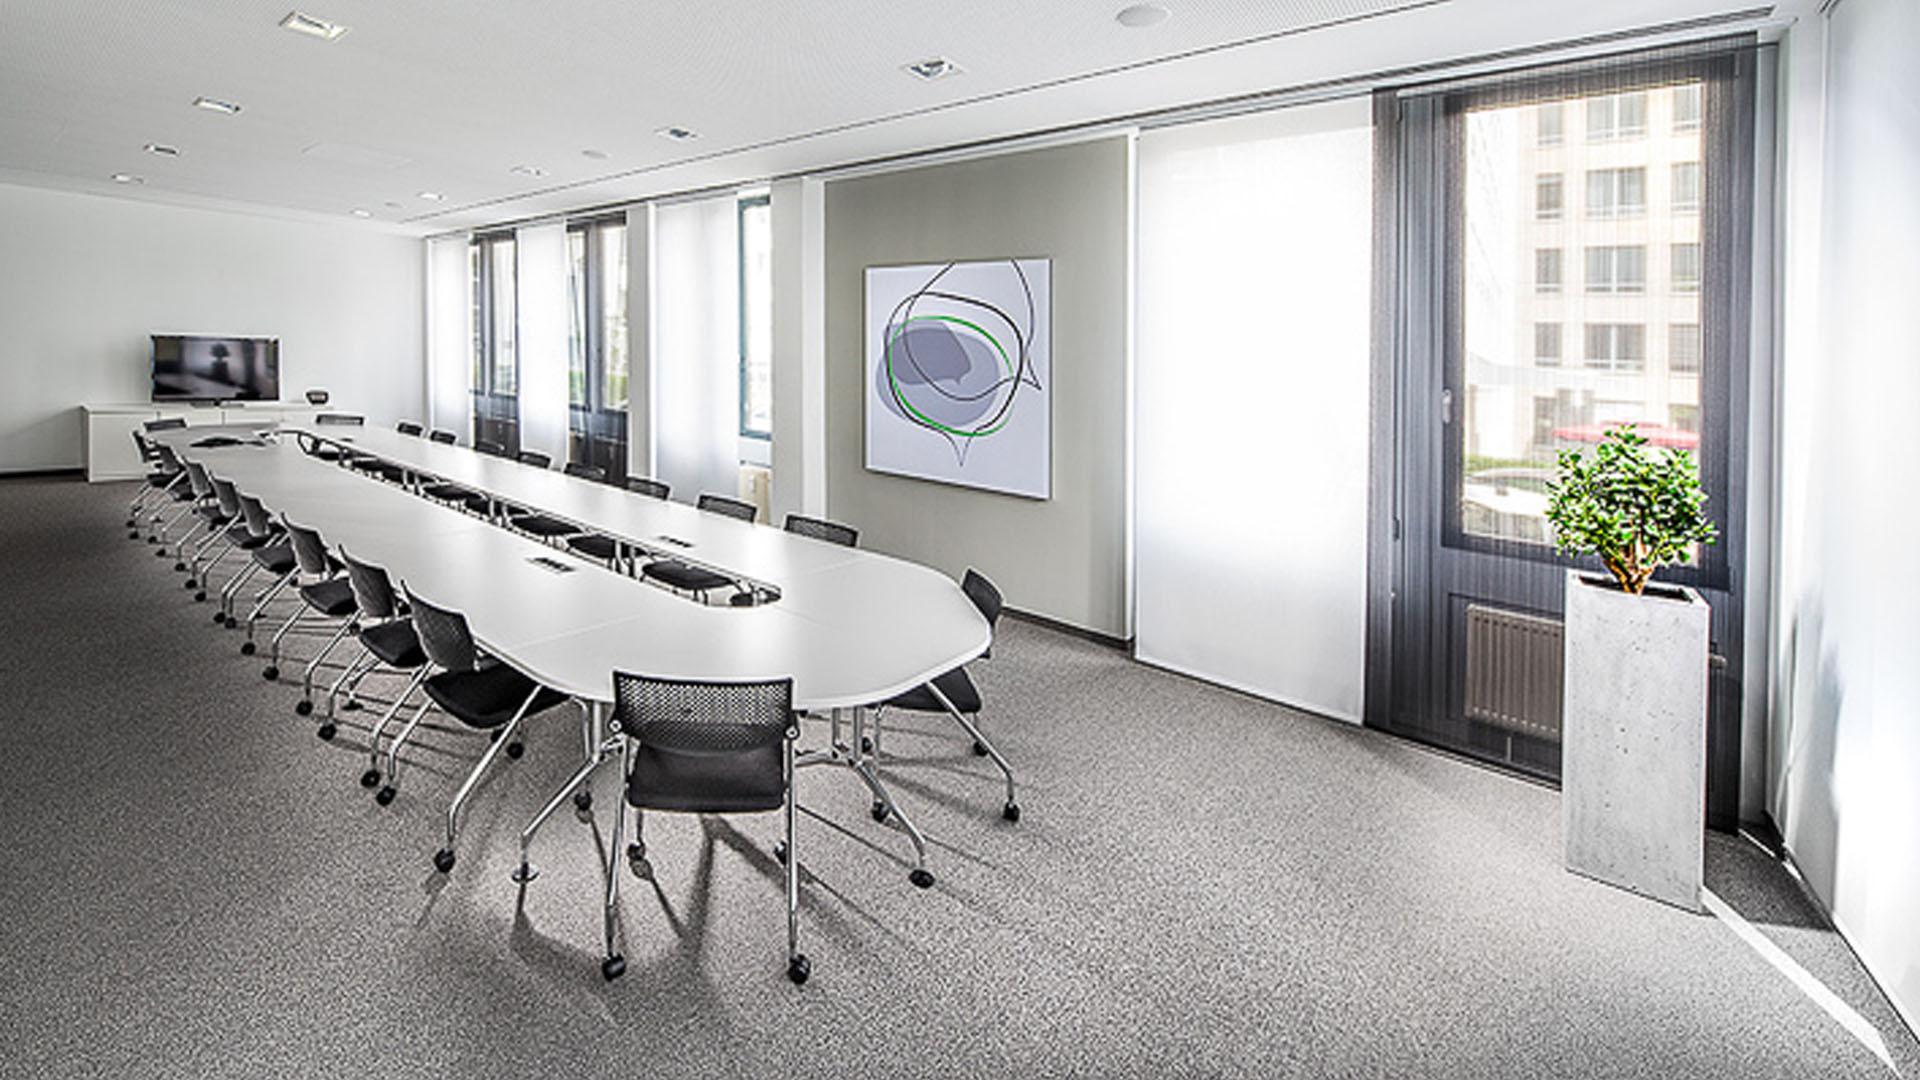 MAASS-Lichtplanung_Planung von Konferenzzentrum__MAASS-Trilounge-011